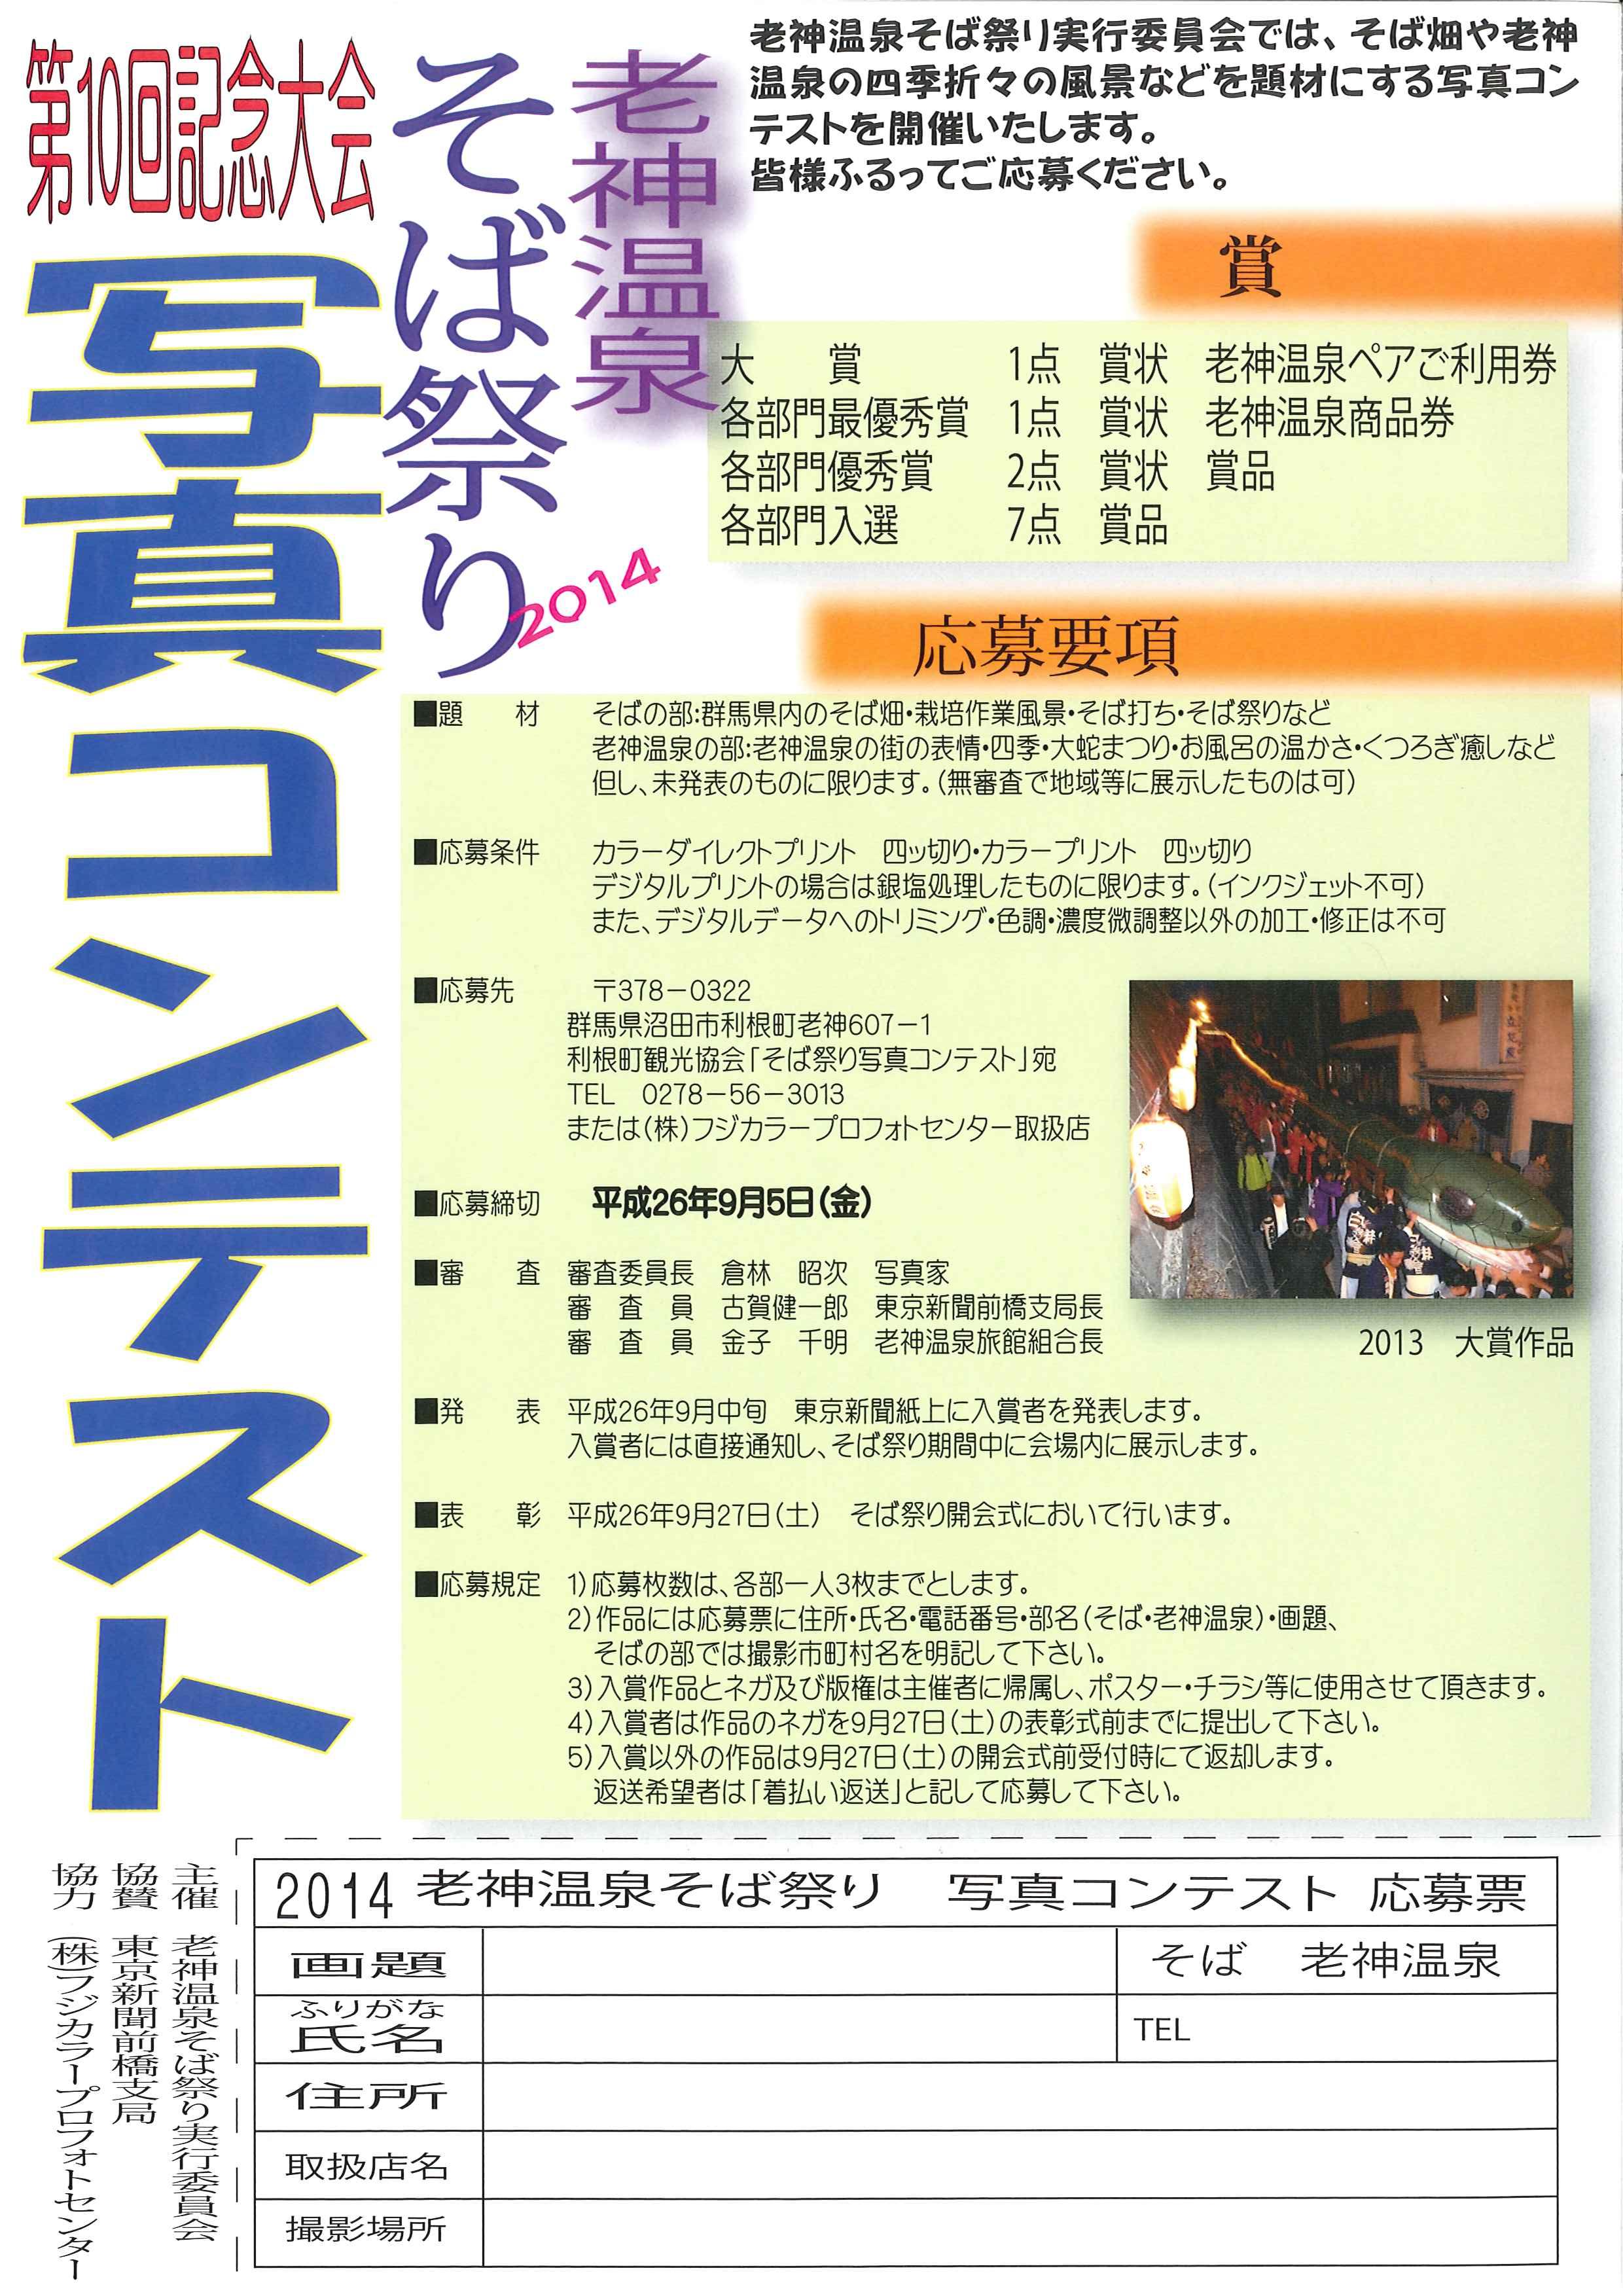 http://www.senkyou.jp/news/sobamaturi26.jpg